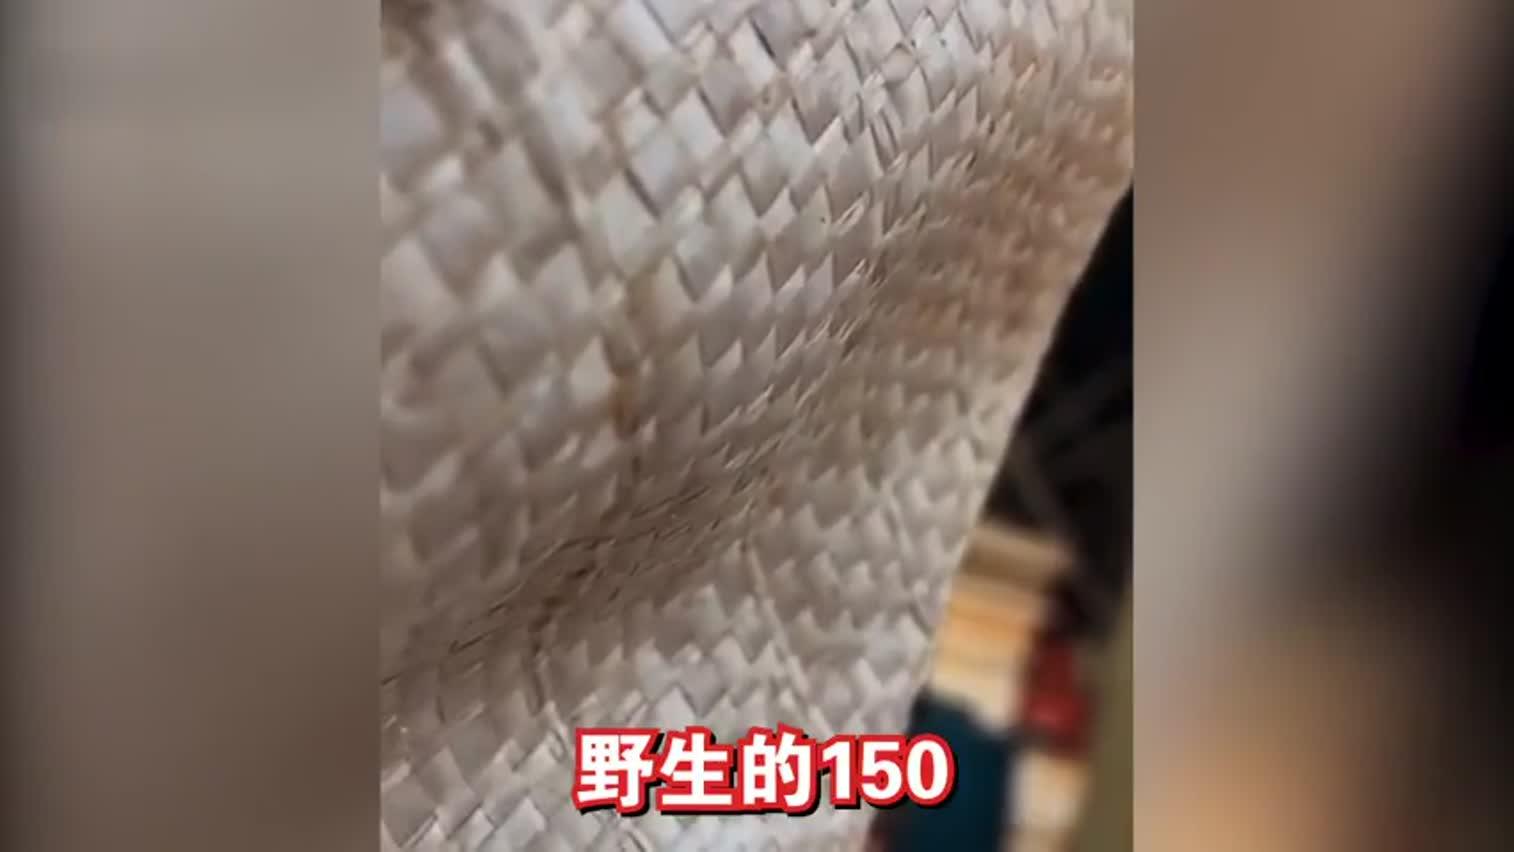 视频|广州农贸市场仍偷卖野生动物:黑帐篷内隐藏